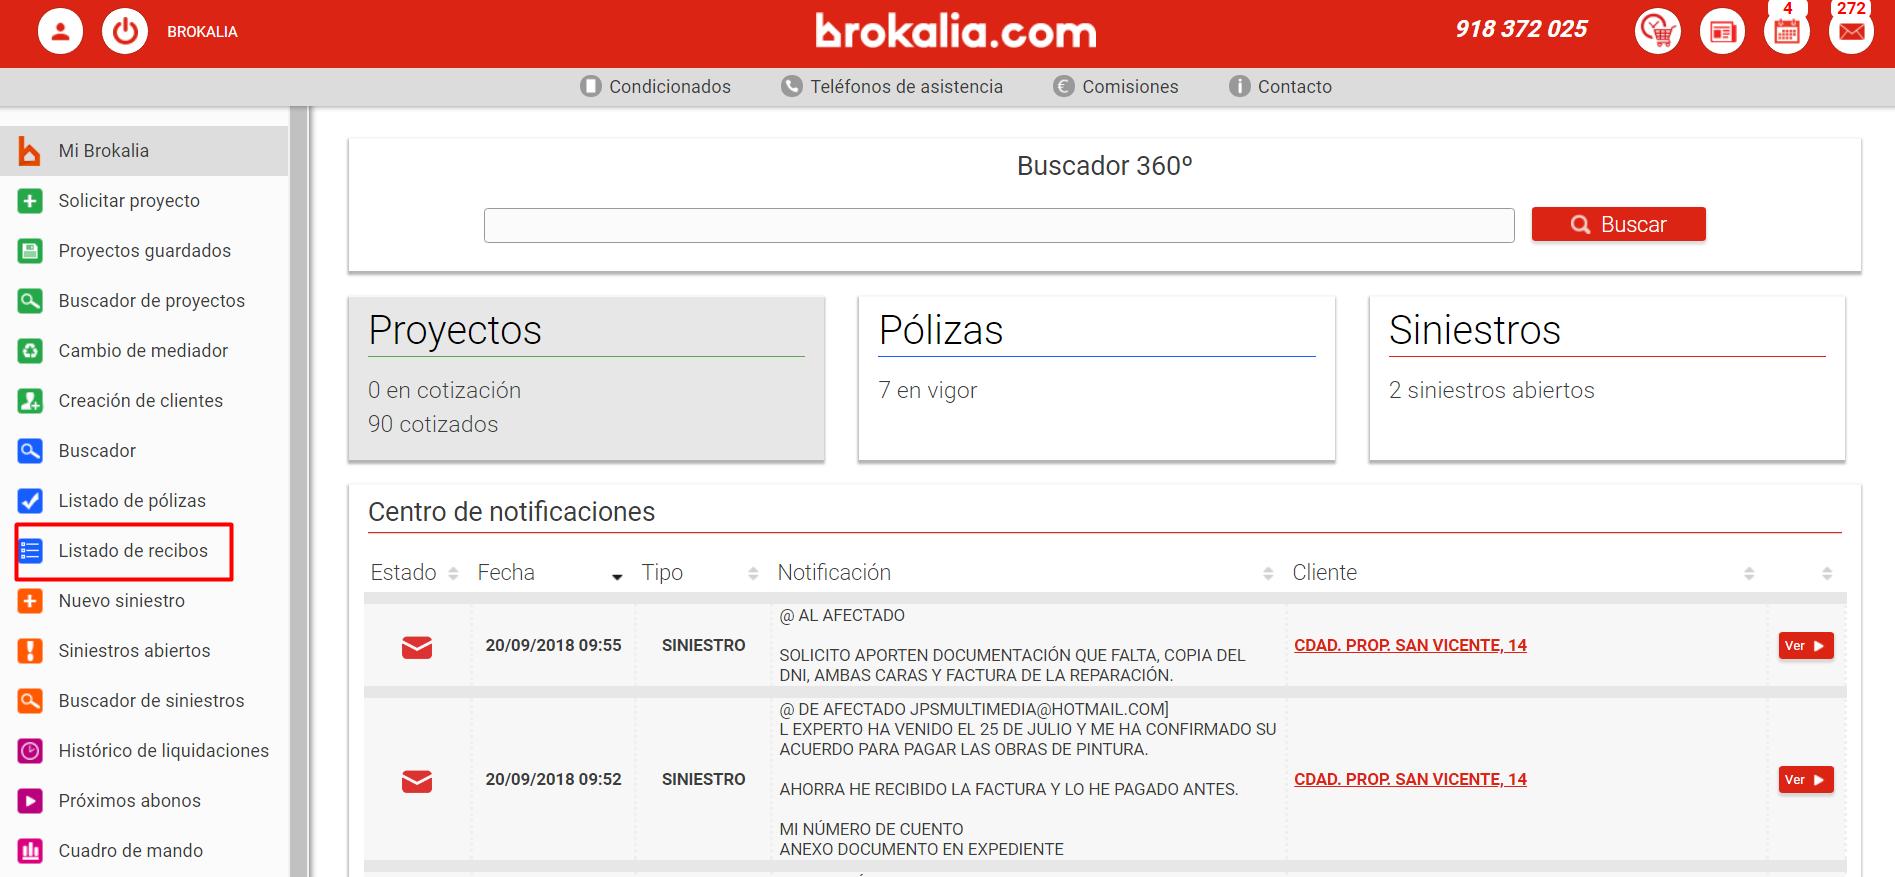 Brokalia-Listado-Recibo